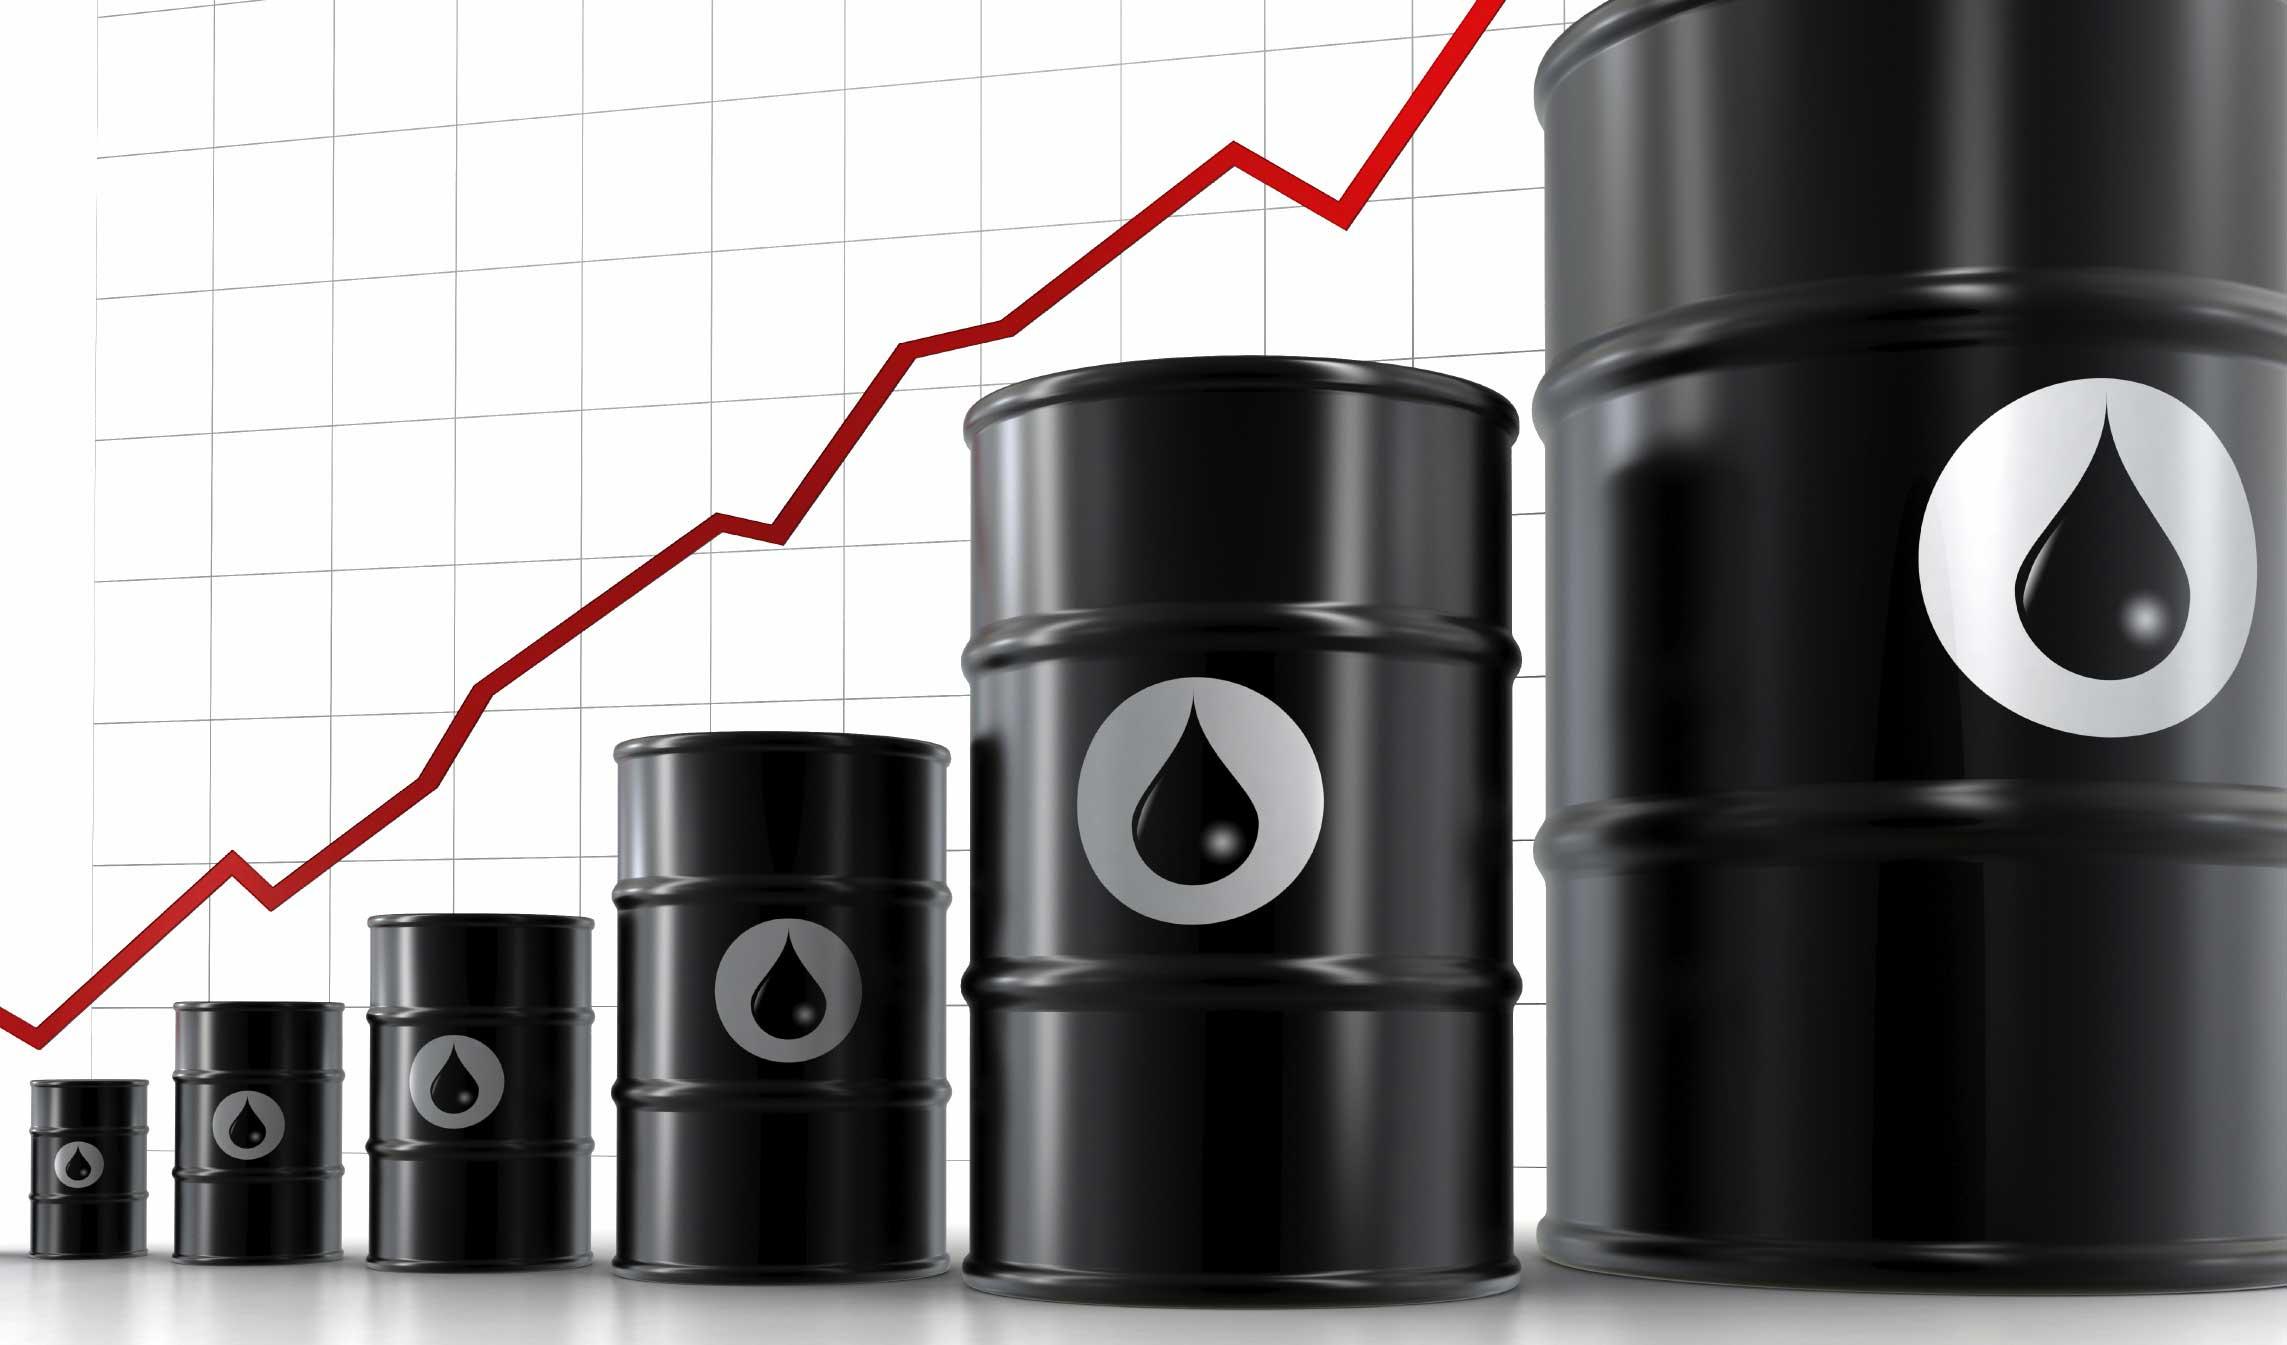 بهای نفت در مسیر صعود